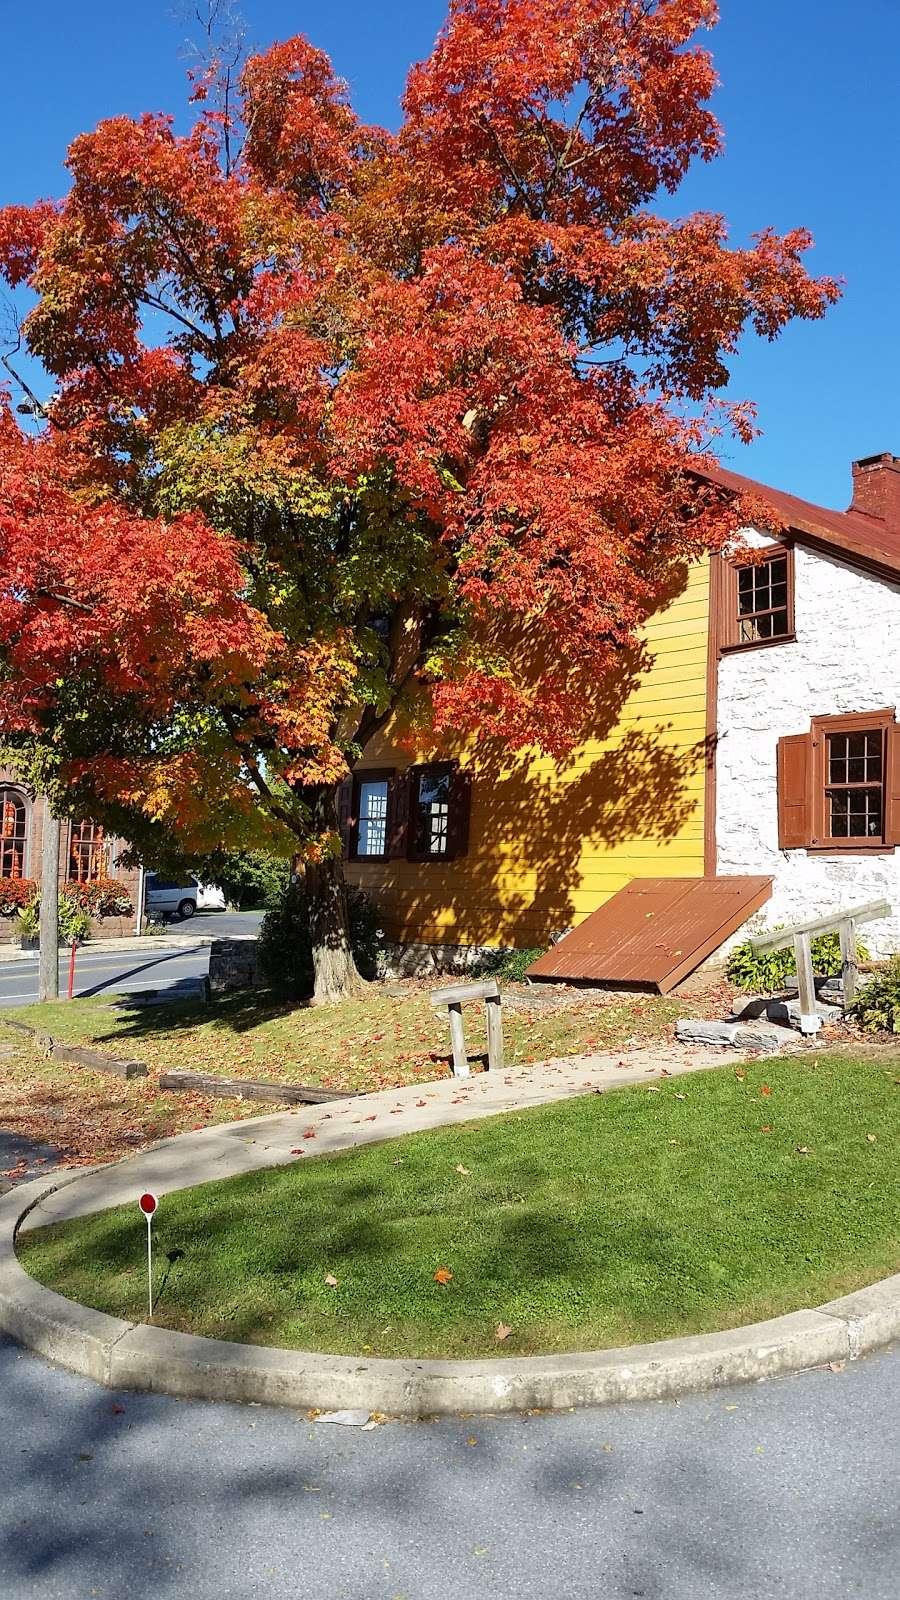 Historic Schaefferstown Inc - museum  | Photo 2 of 8 | Address: 111 N Market St, Schaefferstown, PA 17088, USA | Phone: (717) 949-2244